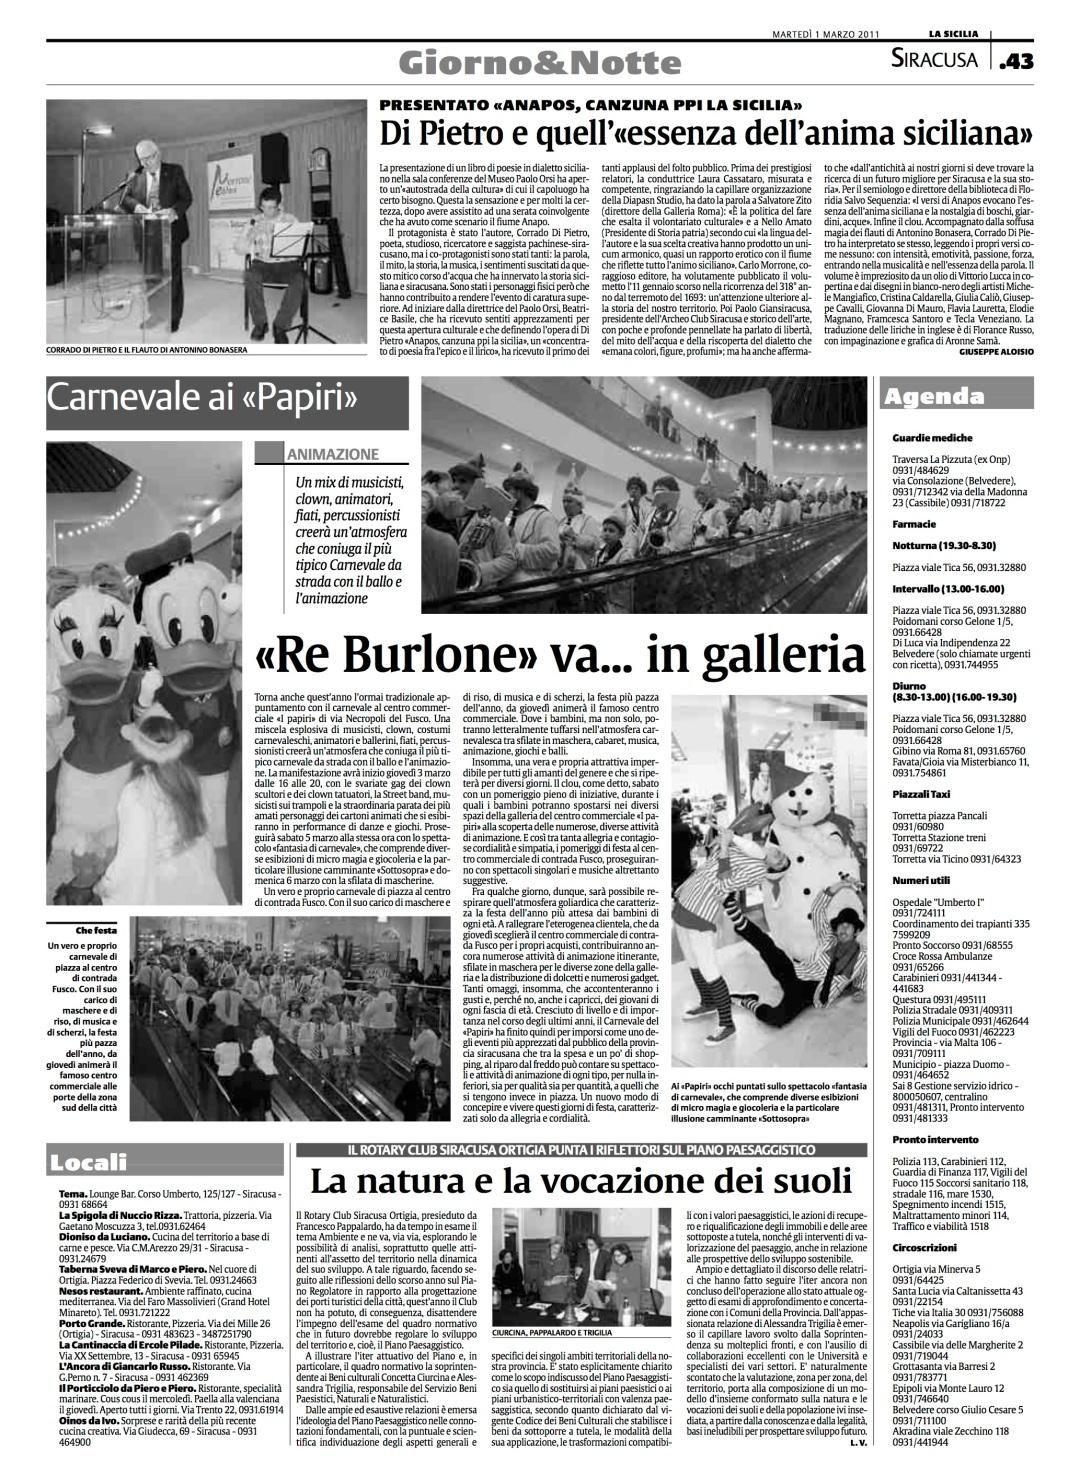 articolo-sicilia-piano-paesaggistico-2011